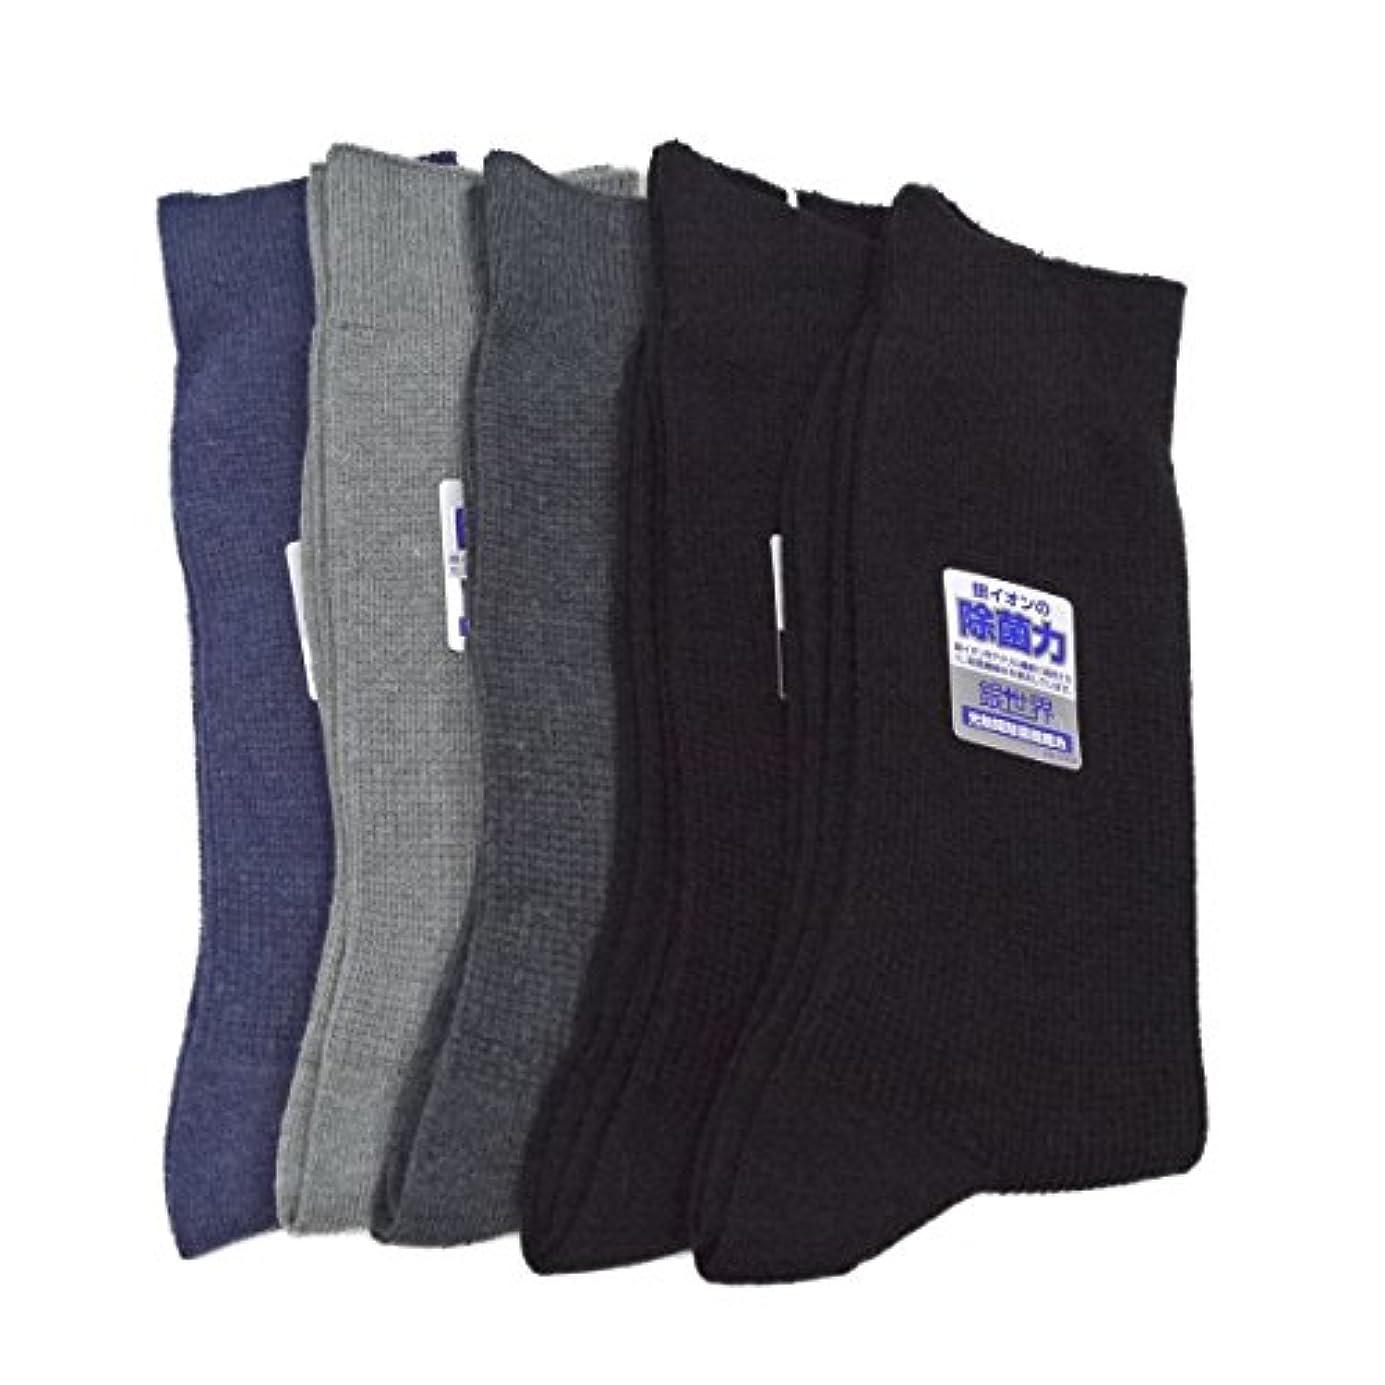 ロケーション寝室を掃除する筋肉の東洋紡 銀世界使用 日本製 銀イオンで除菌の靴下 リッチェル柄 アソート セット